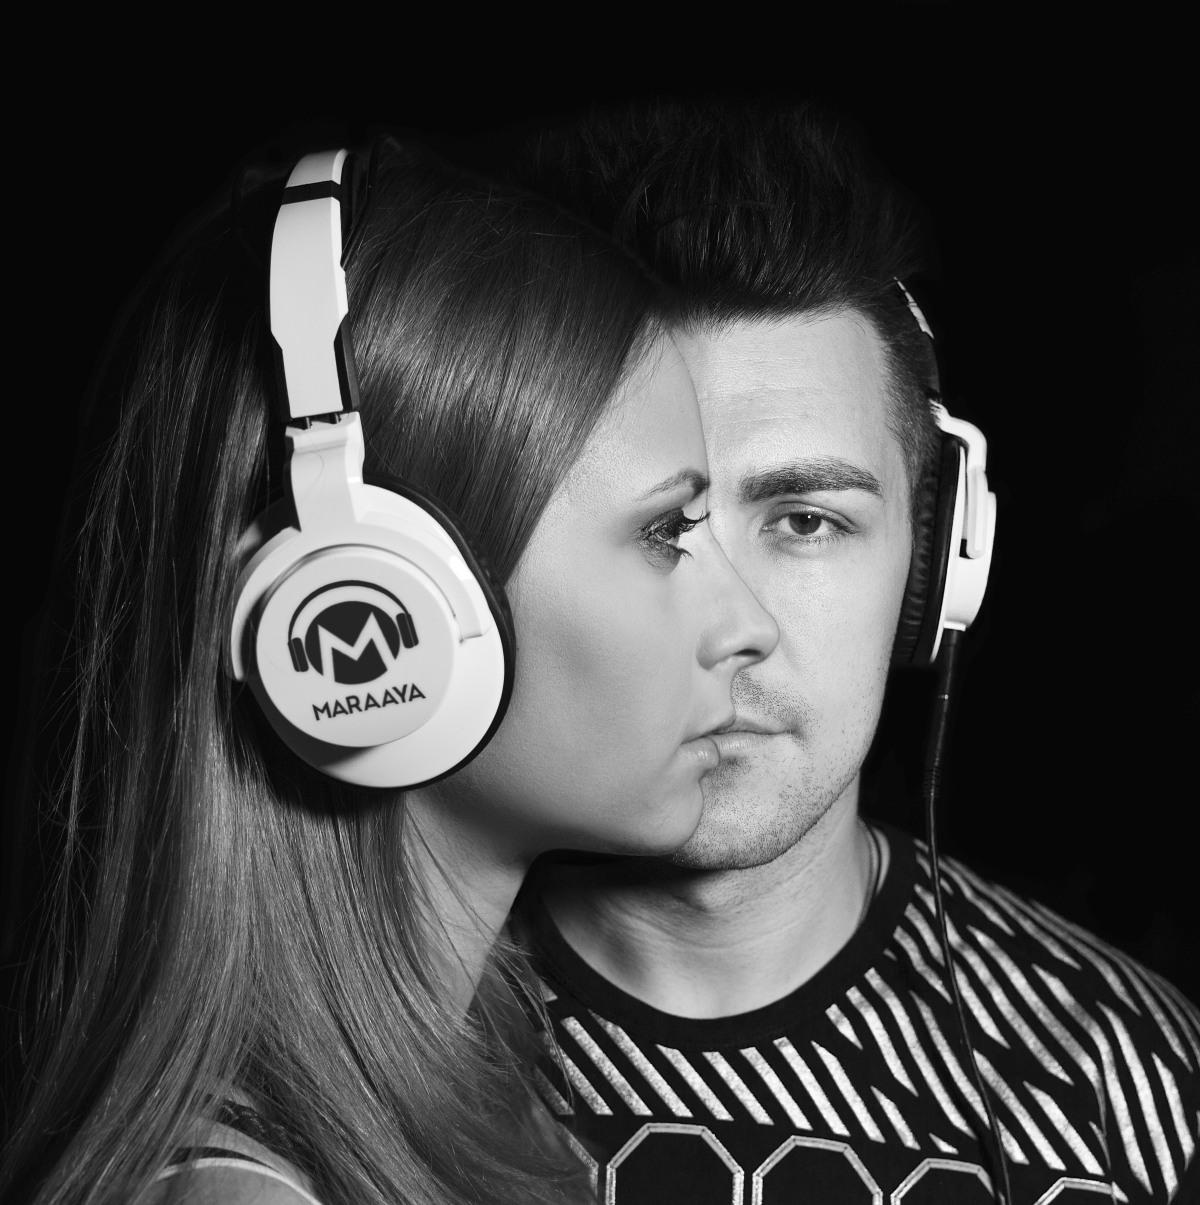 """Slovenski duo Maraaya sa CMC festivala izravno u radijski eter s pjesmom """"Besplatno"""""""